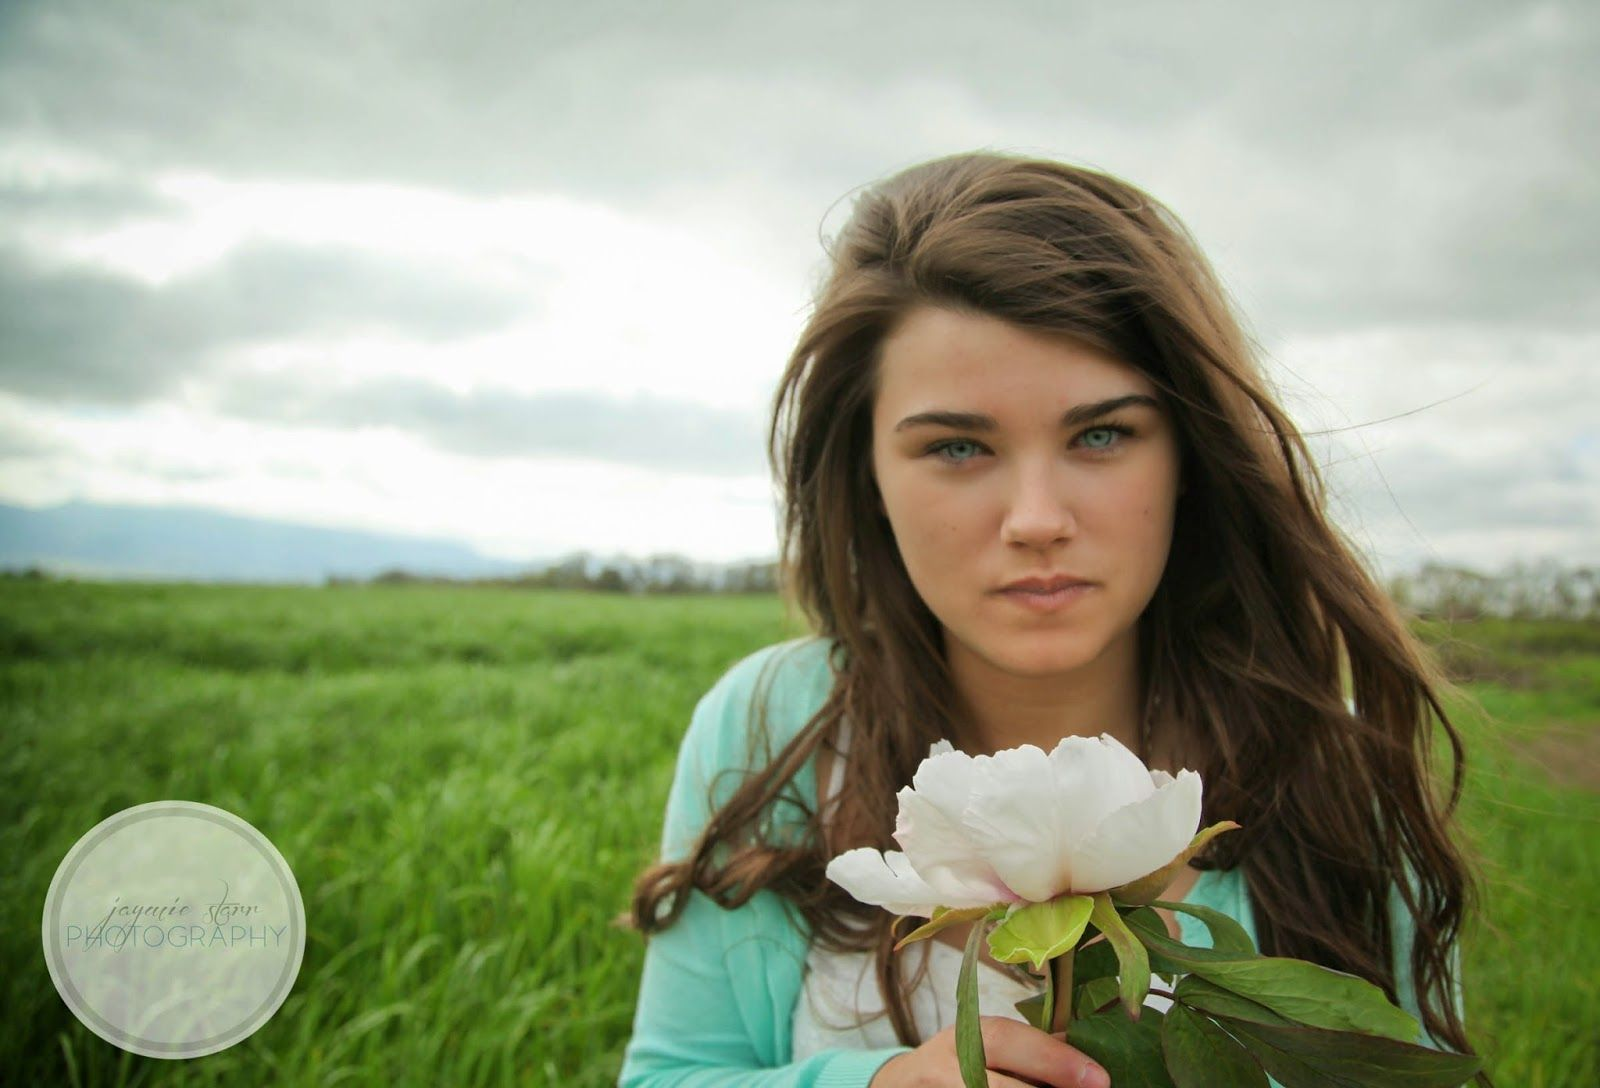 Jaymie Starr Photography- Eugene Oregon Wedding Photographer, senior, poses, JSP models, senior photography